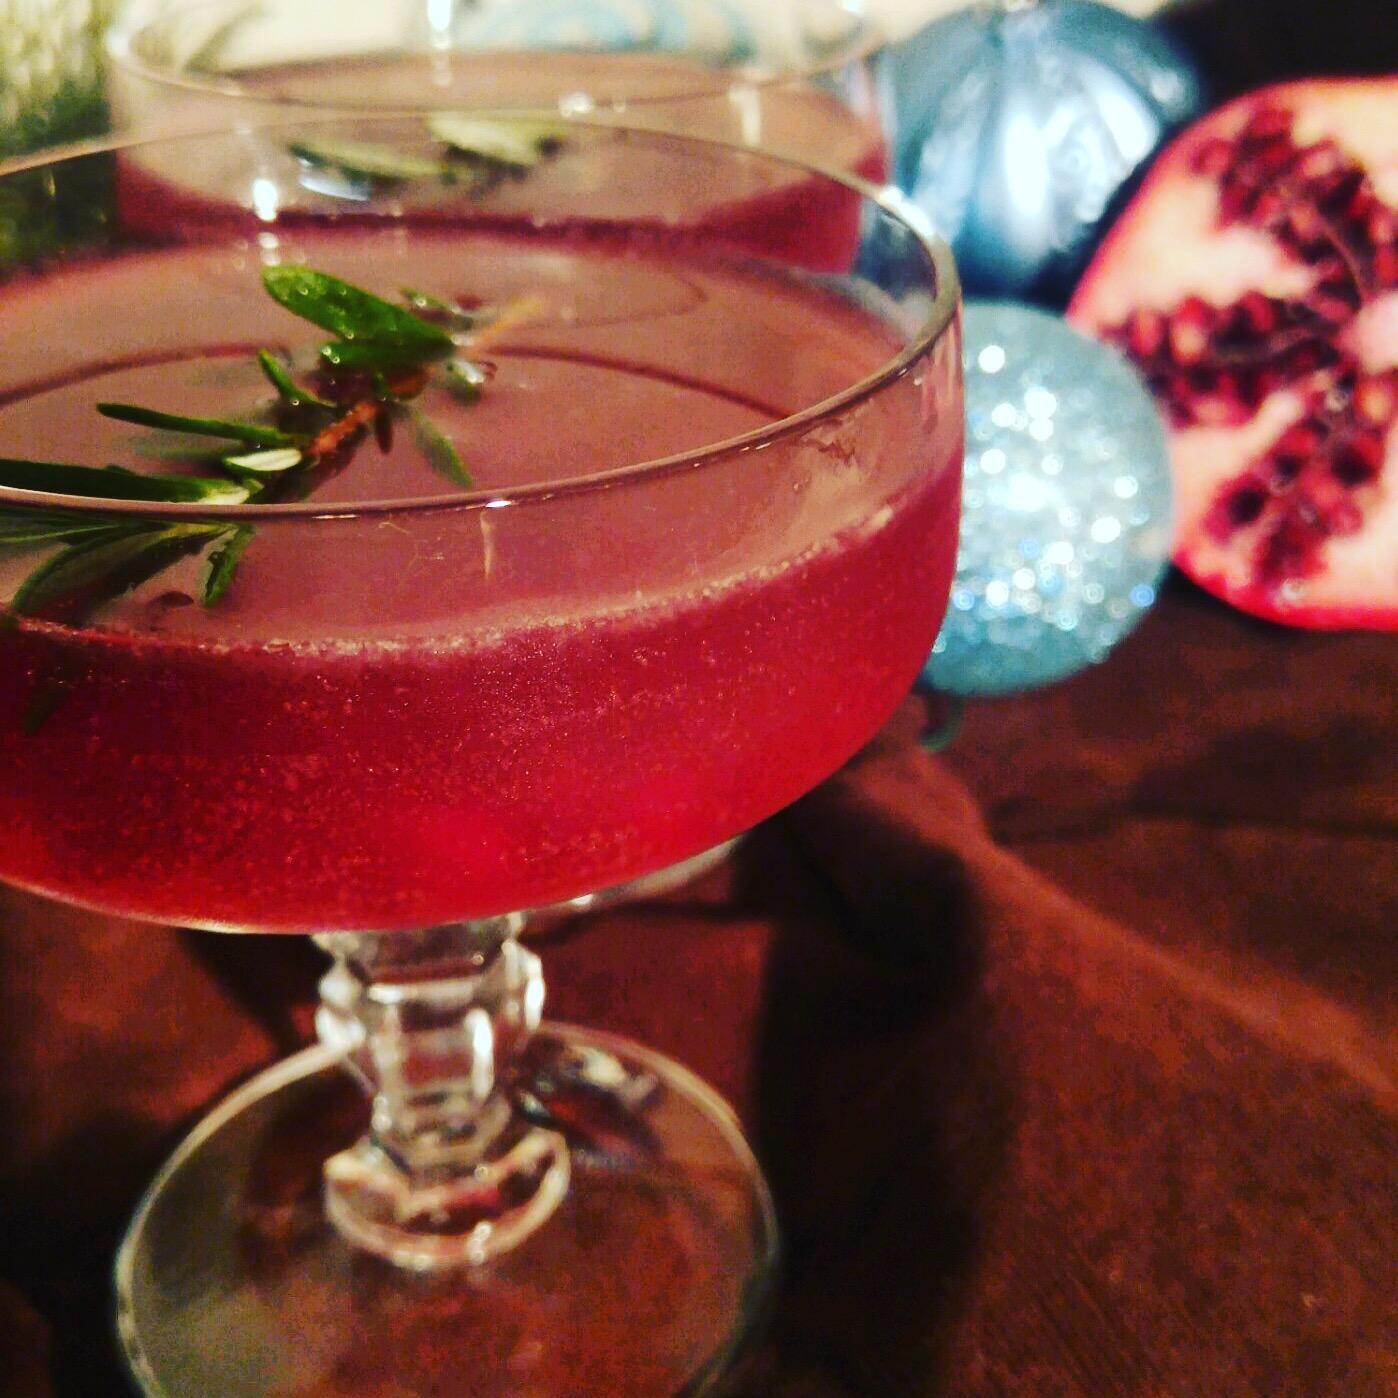 How The Gin Stole Christmas.JPG